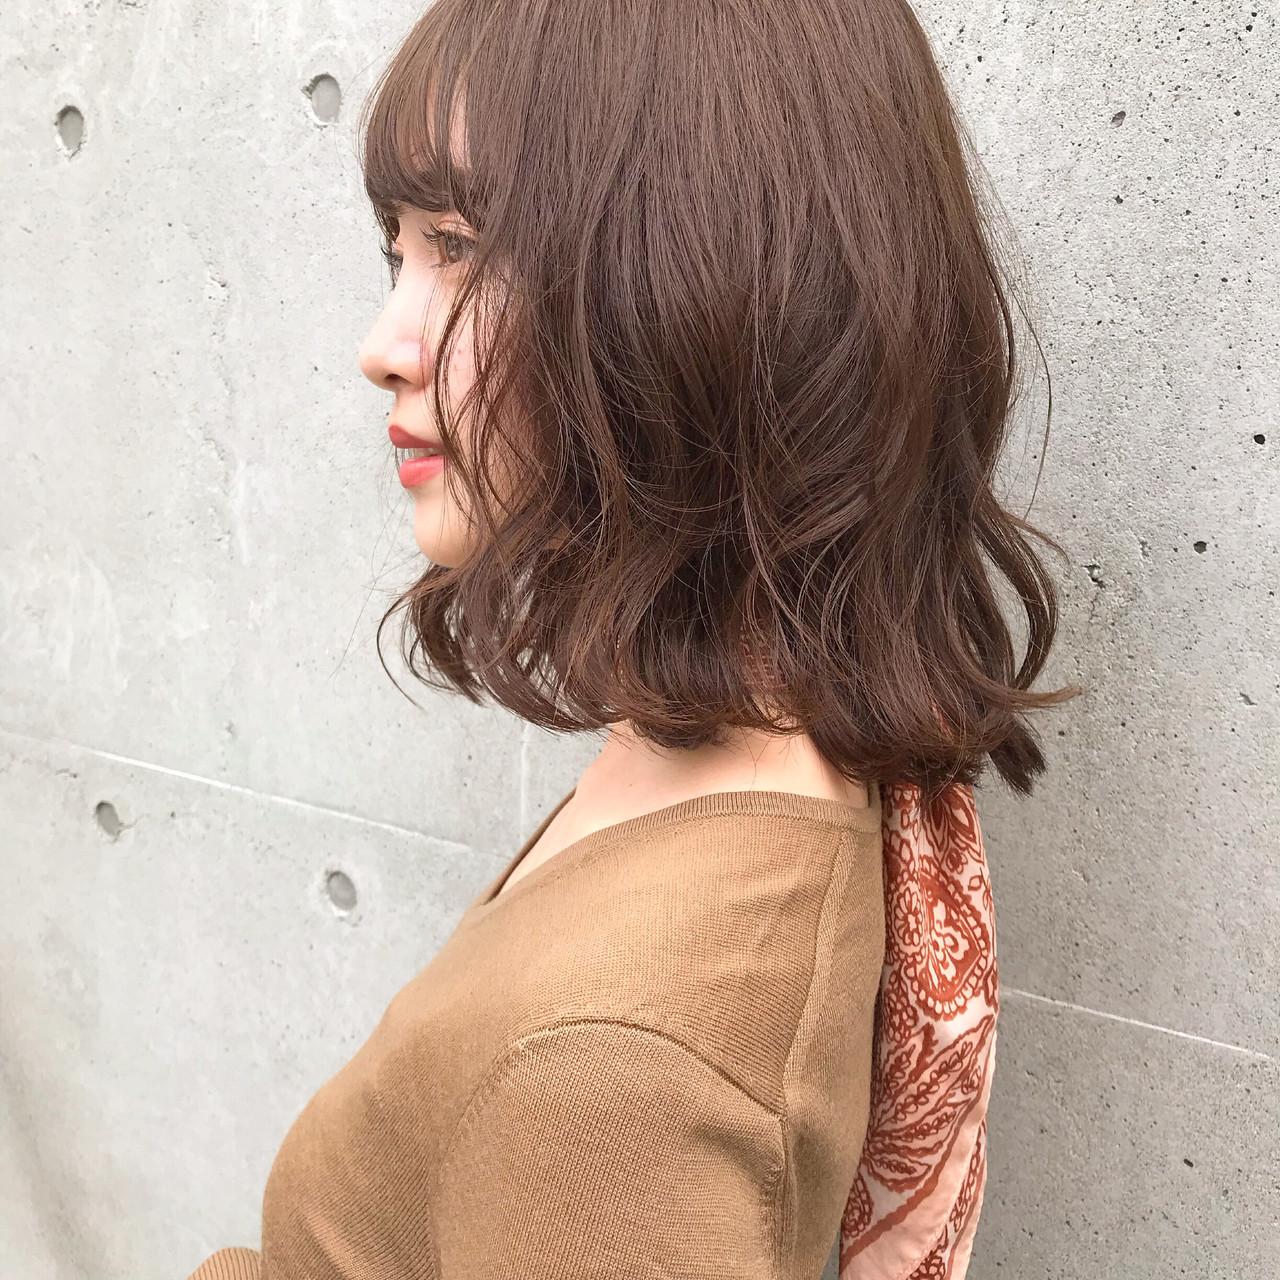 アンニュイほつれヘア ナチュラル デート 大人かわいい ヘアスタイルや髪型の写真・画像 | 伊藤愛子 GARDEN / GARDEN  omotesando